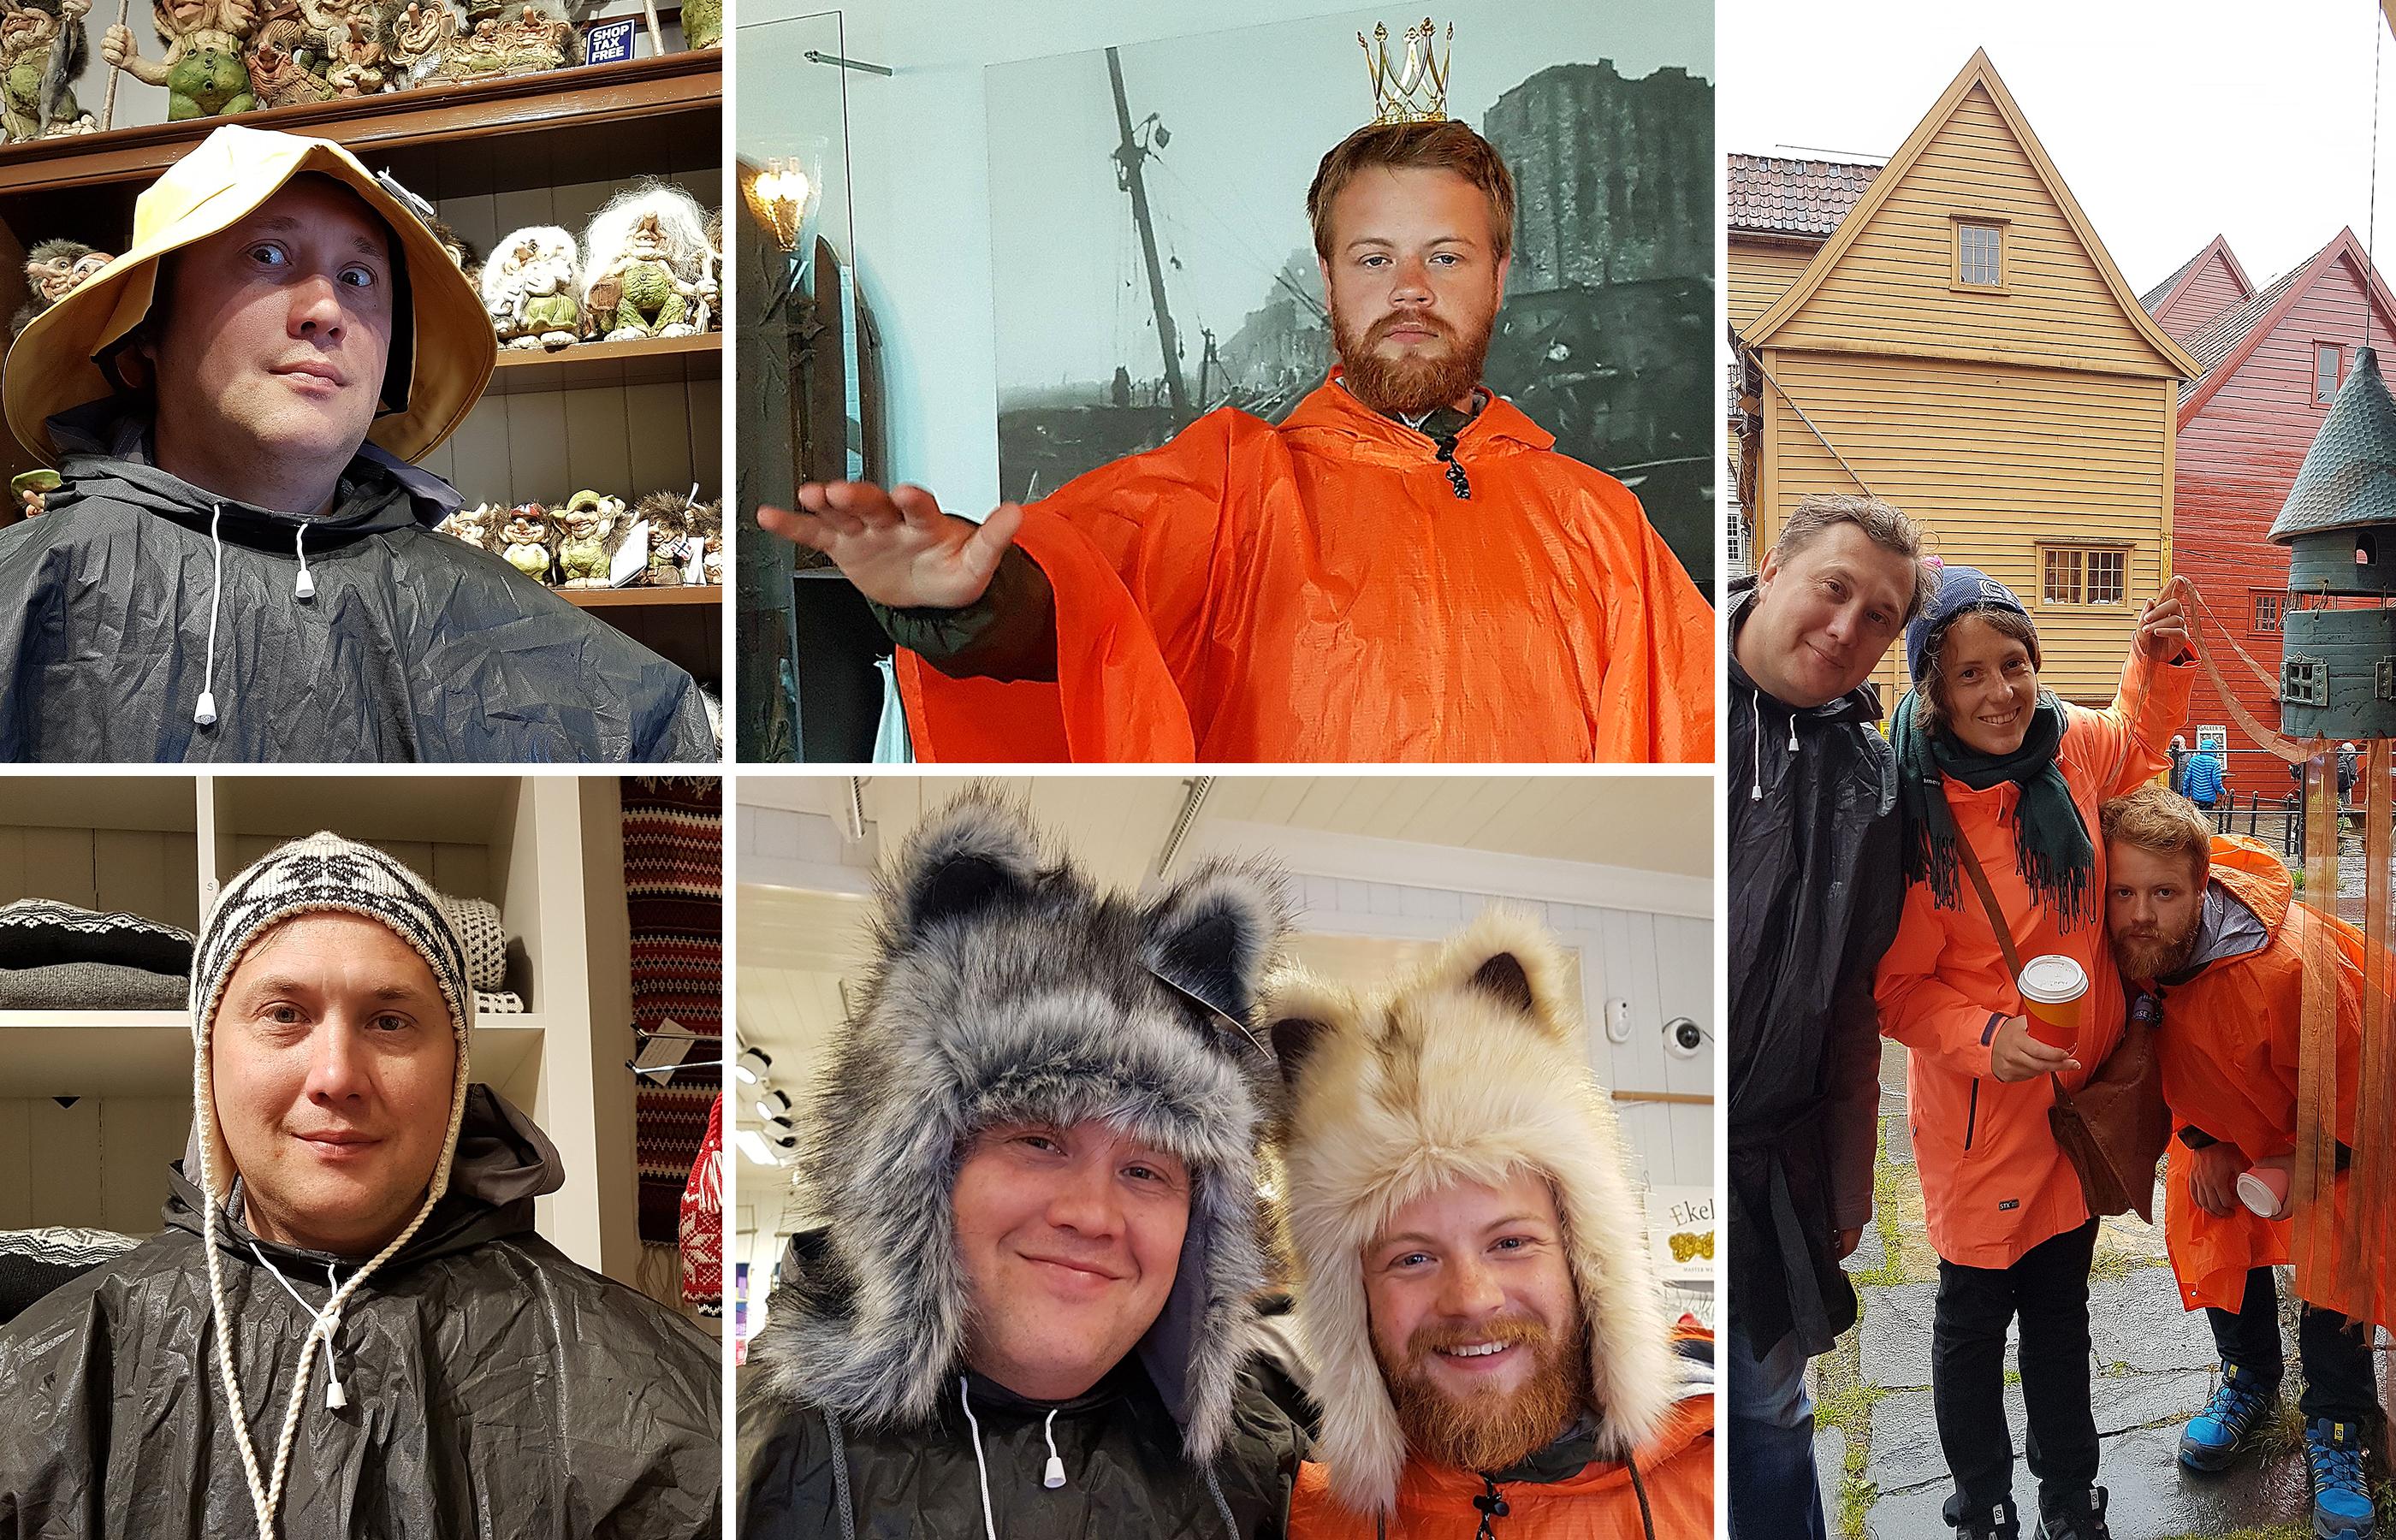 Головные уборы здесь представлены на любой вкус: от традиционных вязаных норвежских шапок до рогатого украшения короля норвежских лесов